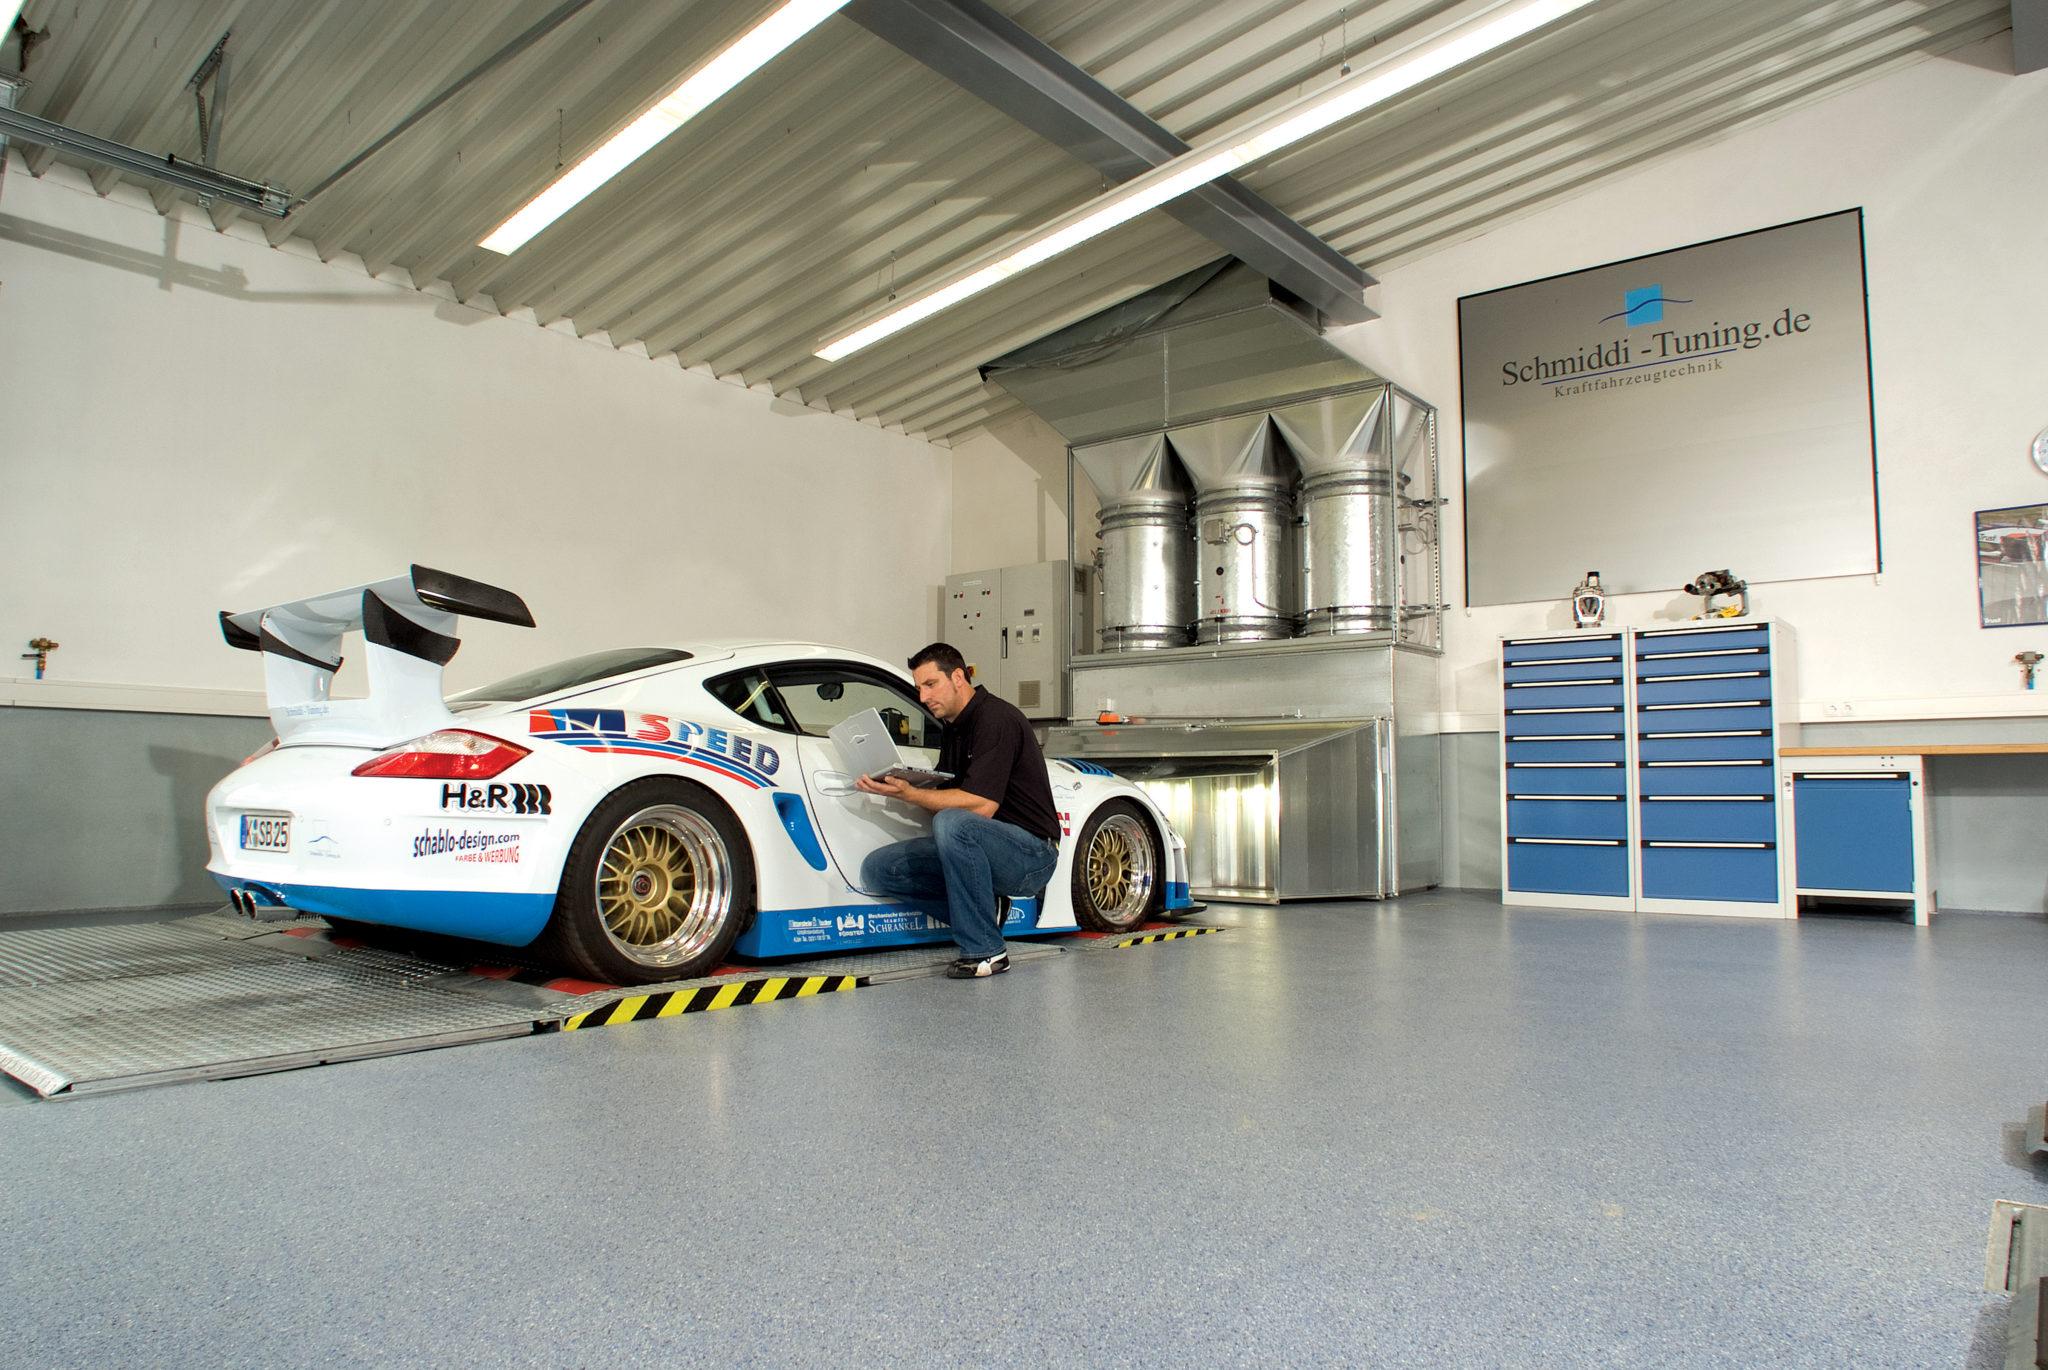 Silikal FLoor -Automobile Floor